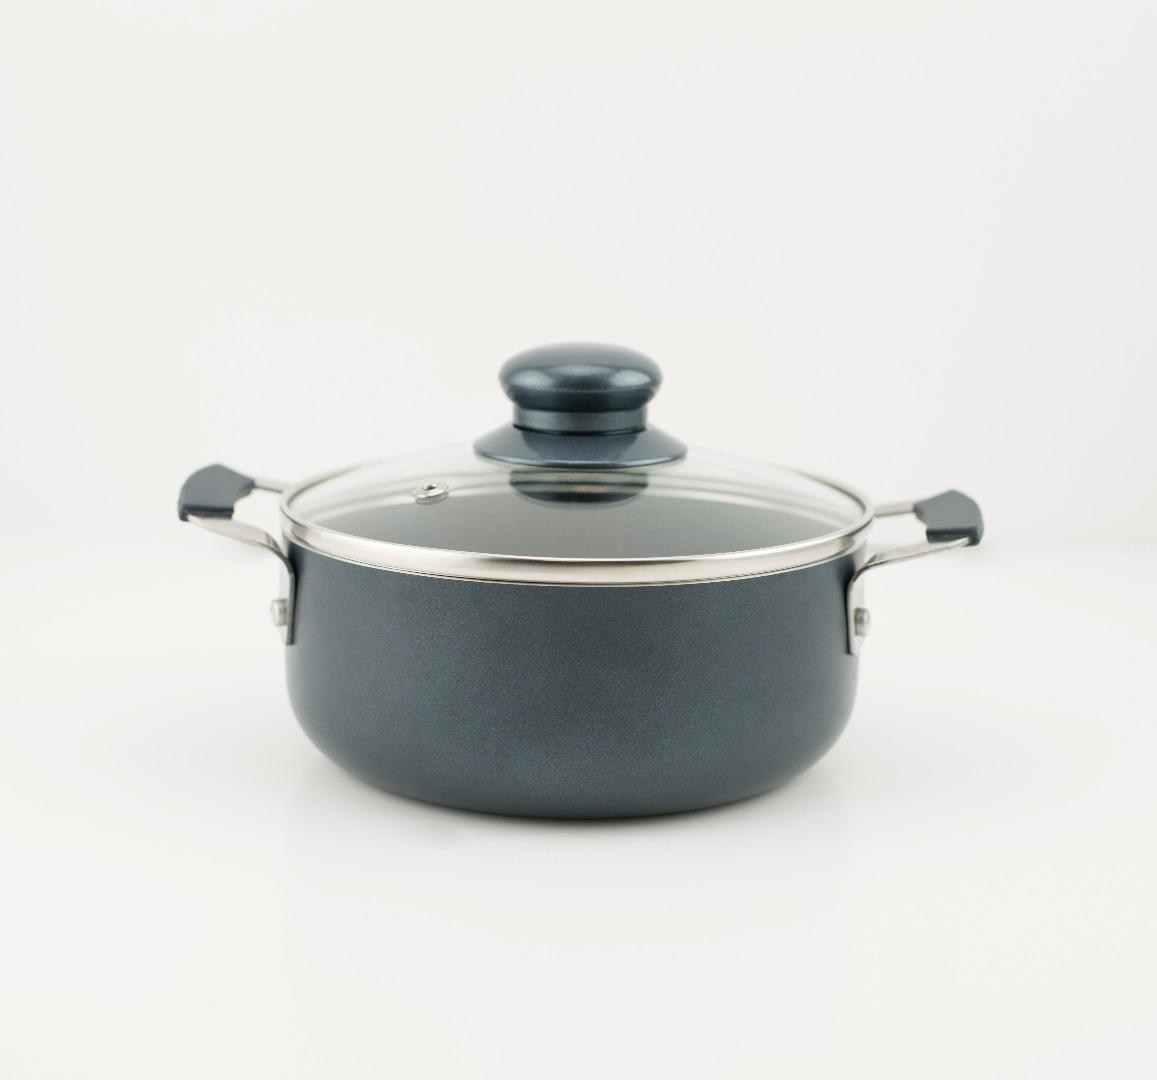 Vas pentru gătit cu aburi Grill Circle Pot